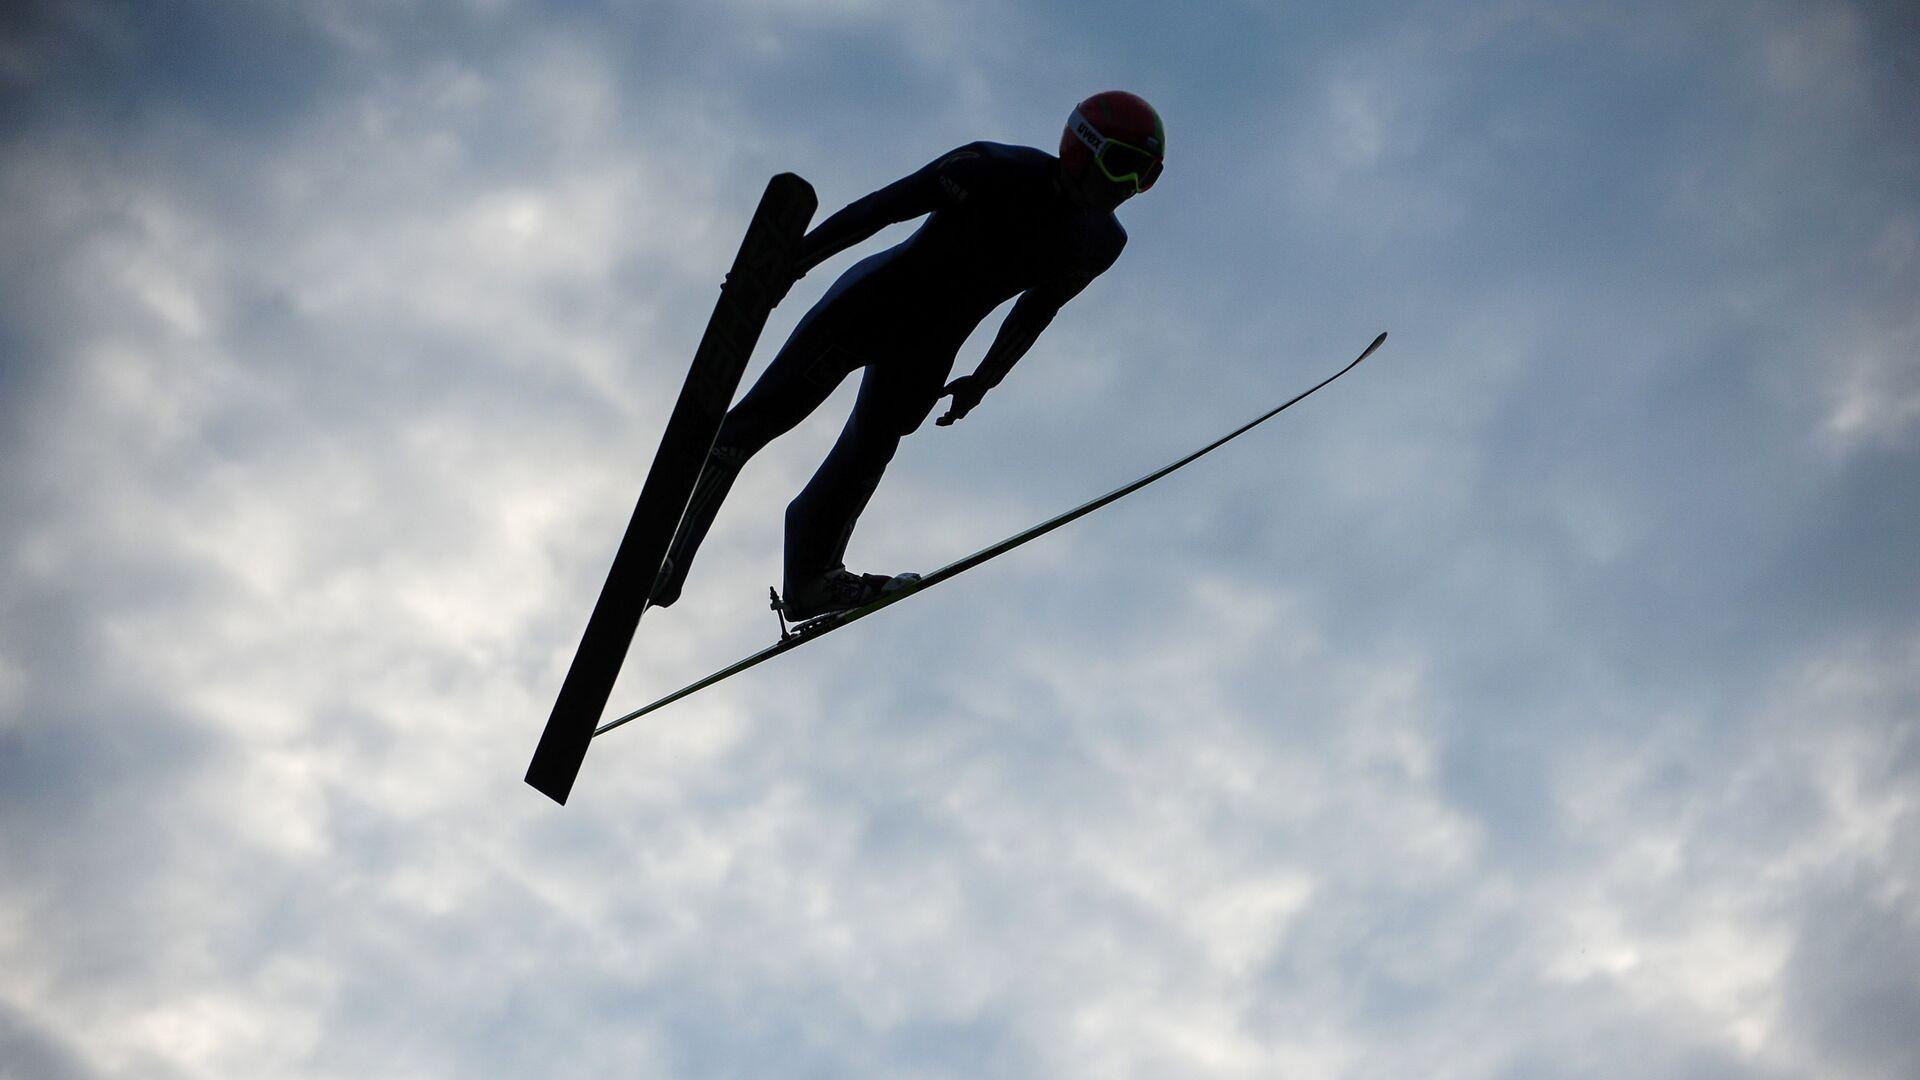 Прыжки на лыжах с трамплина - РИА Новости, 1920, 28.11.2020